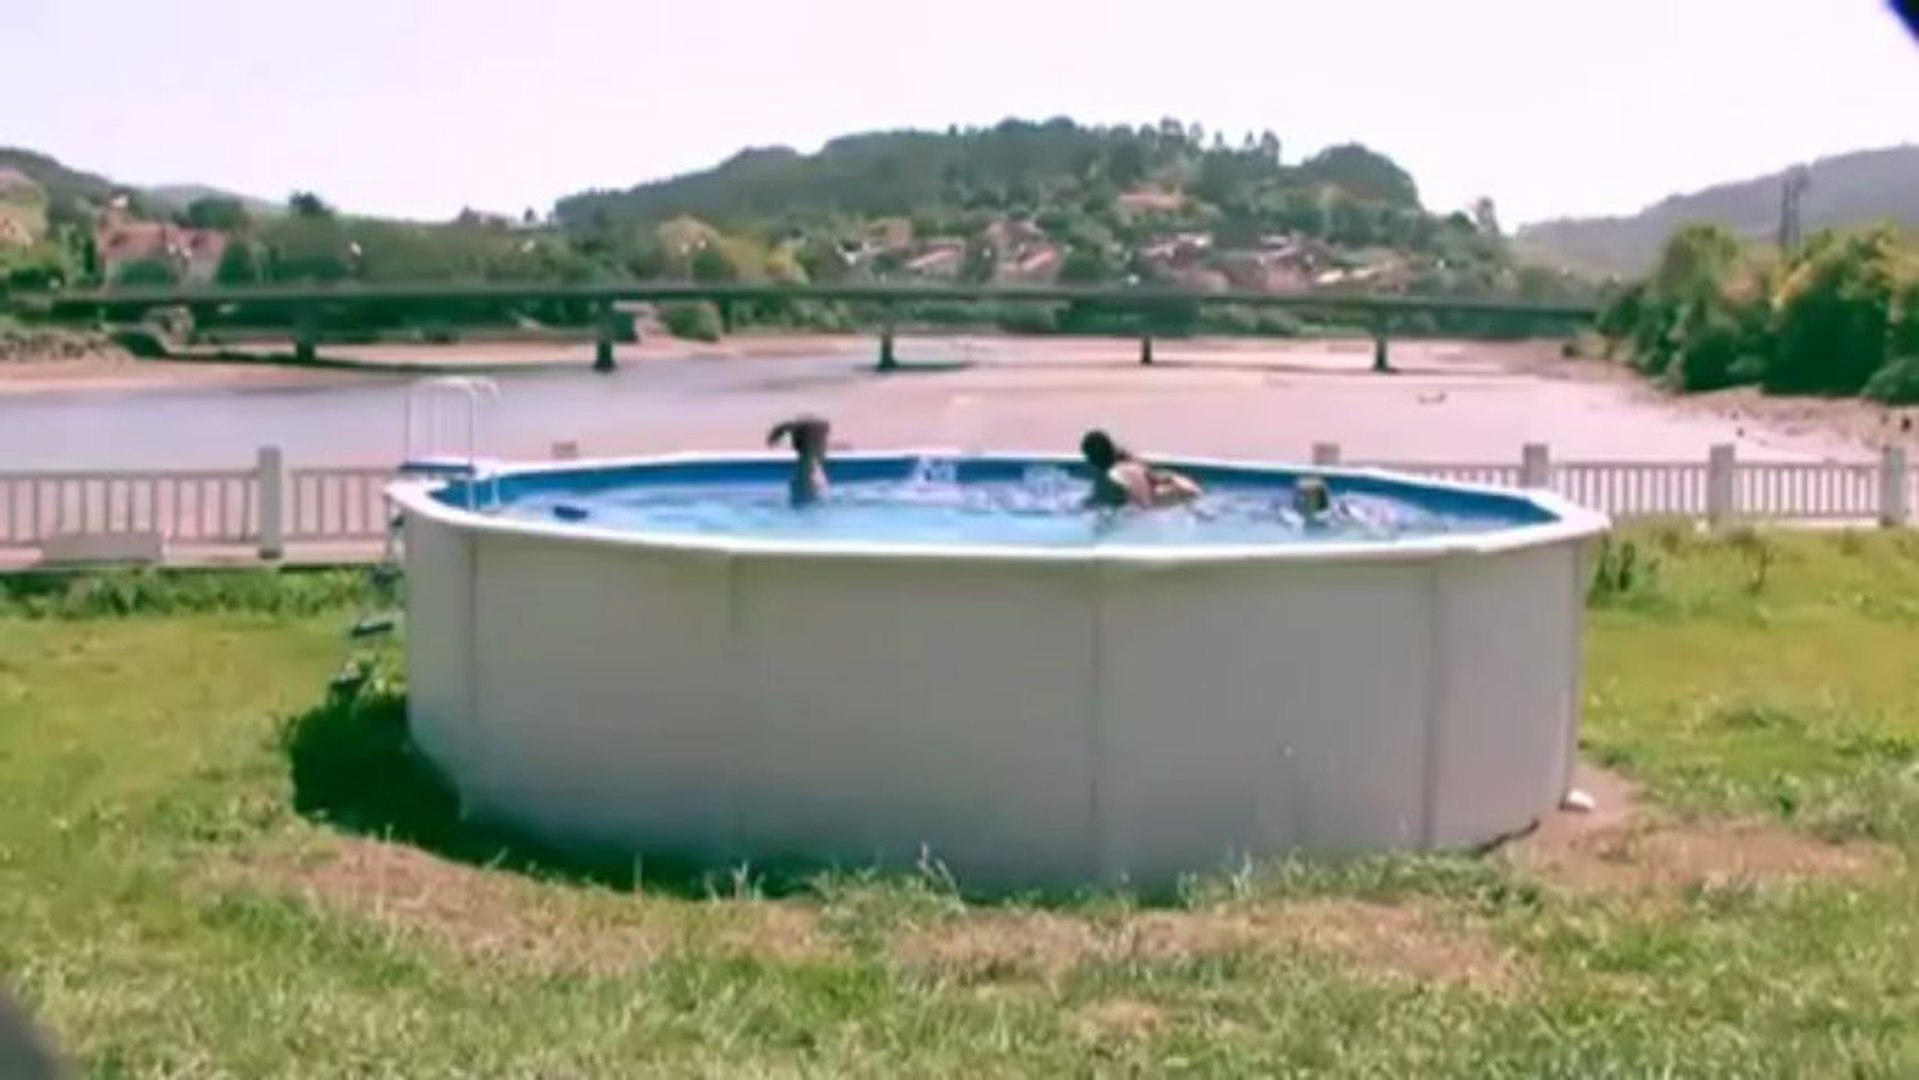 Comment Monter Une Piscine Hors Sol principe de montage de piscine hors sol ronde gre